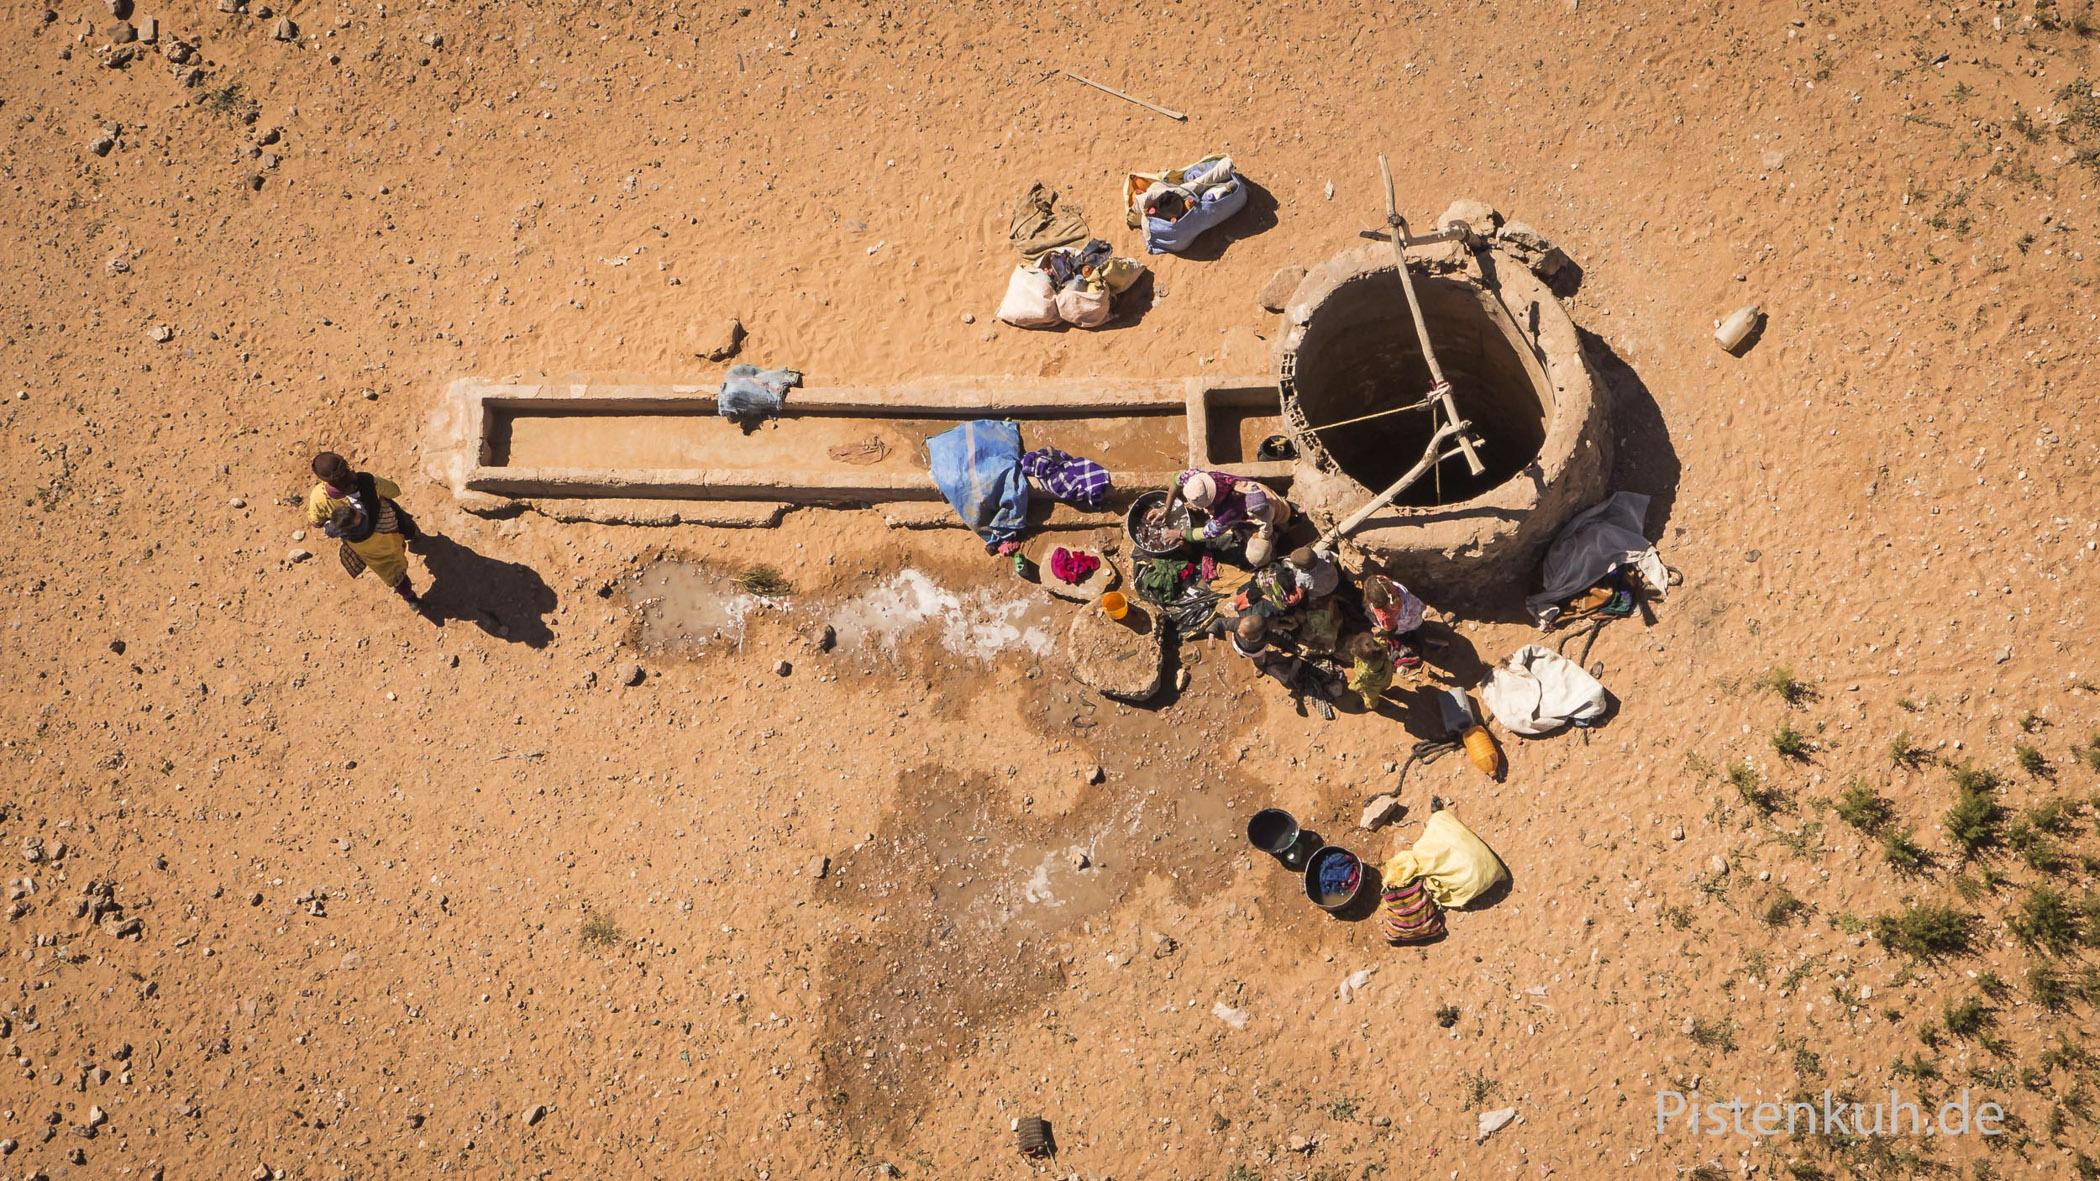 Luftbild fotografiert mit Drohne: Brunnen in der Sahara